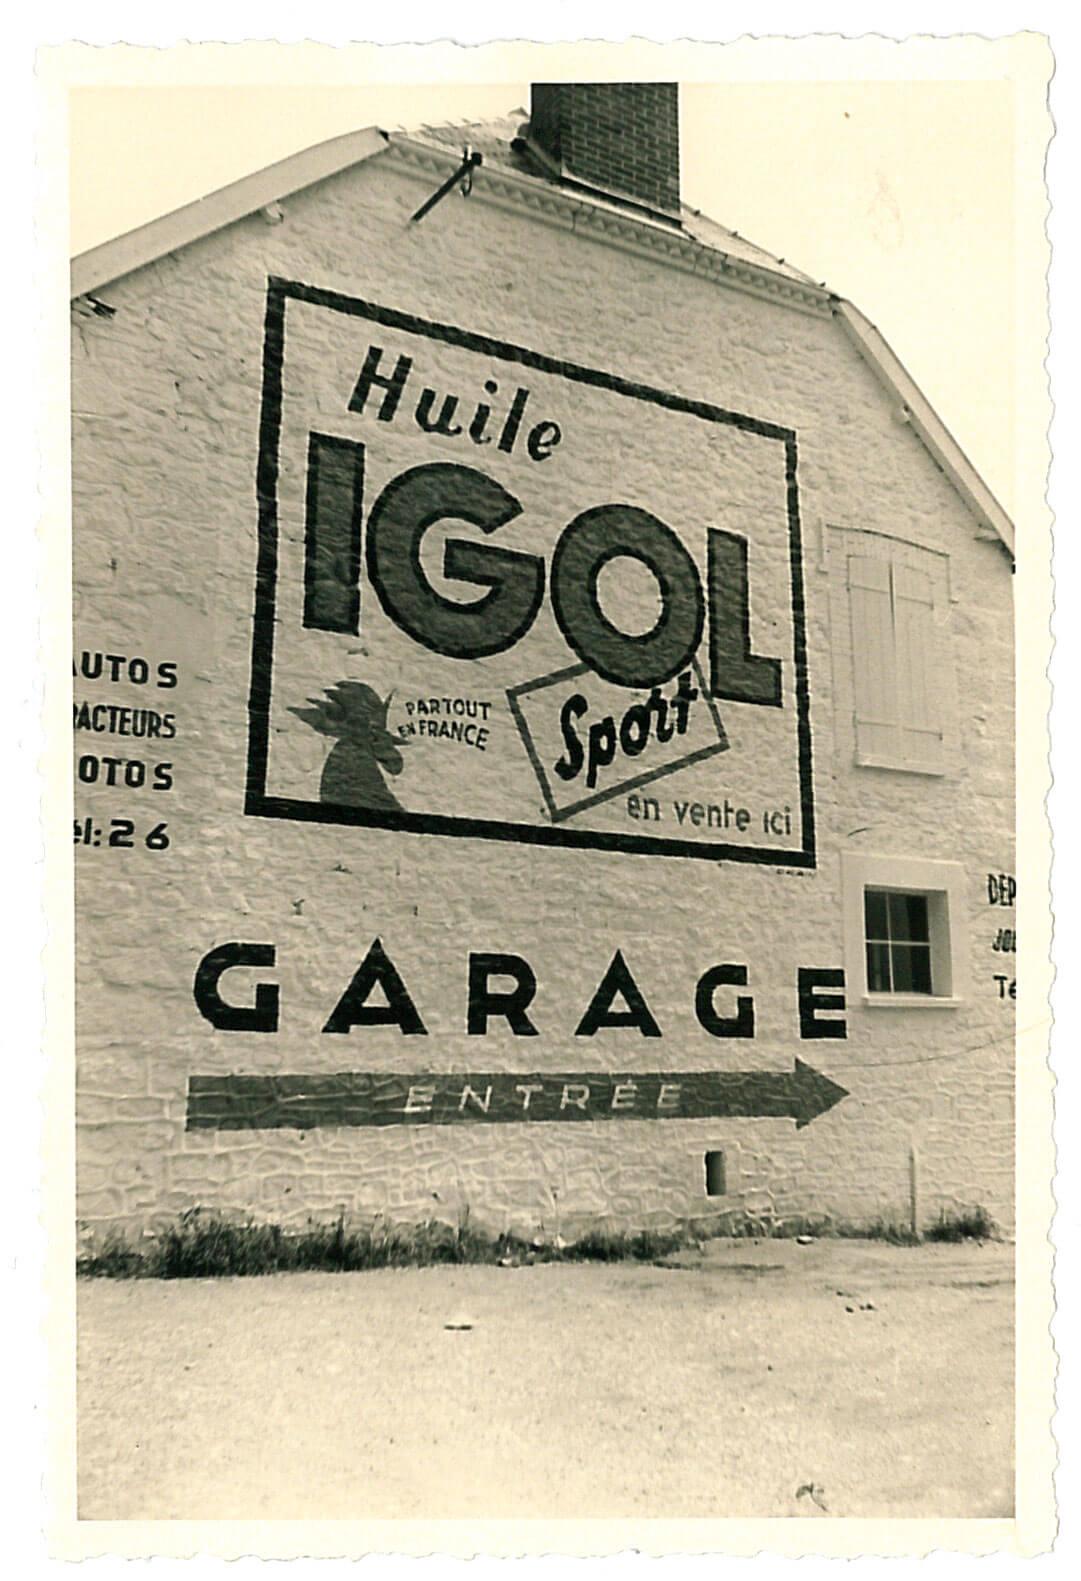 Publicité IGOL sur façade de garage.